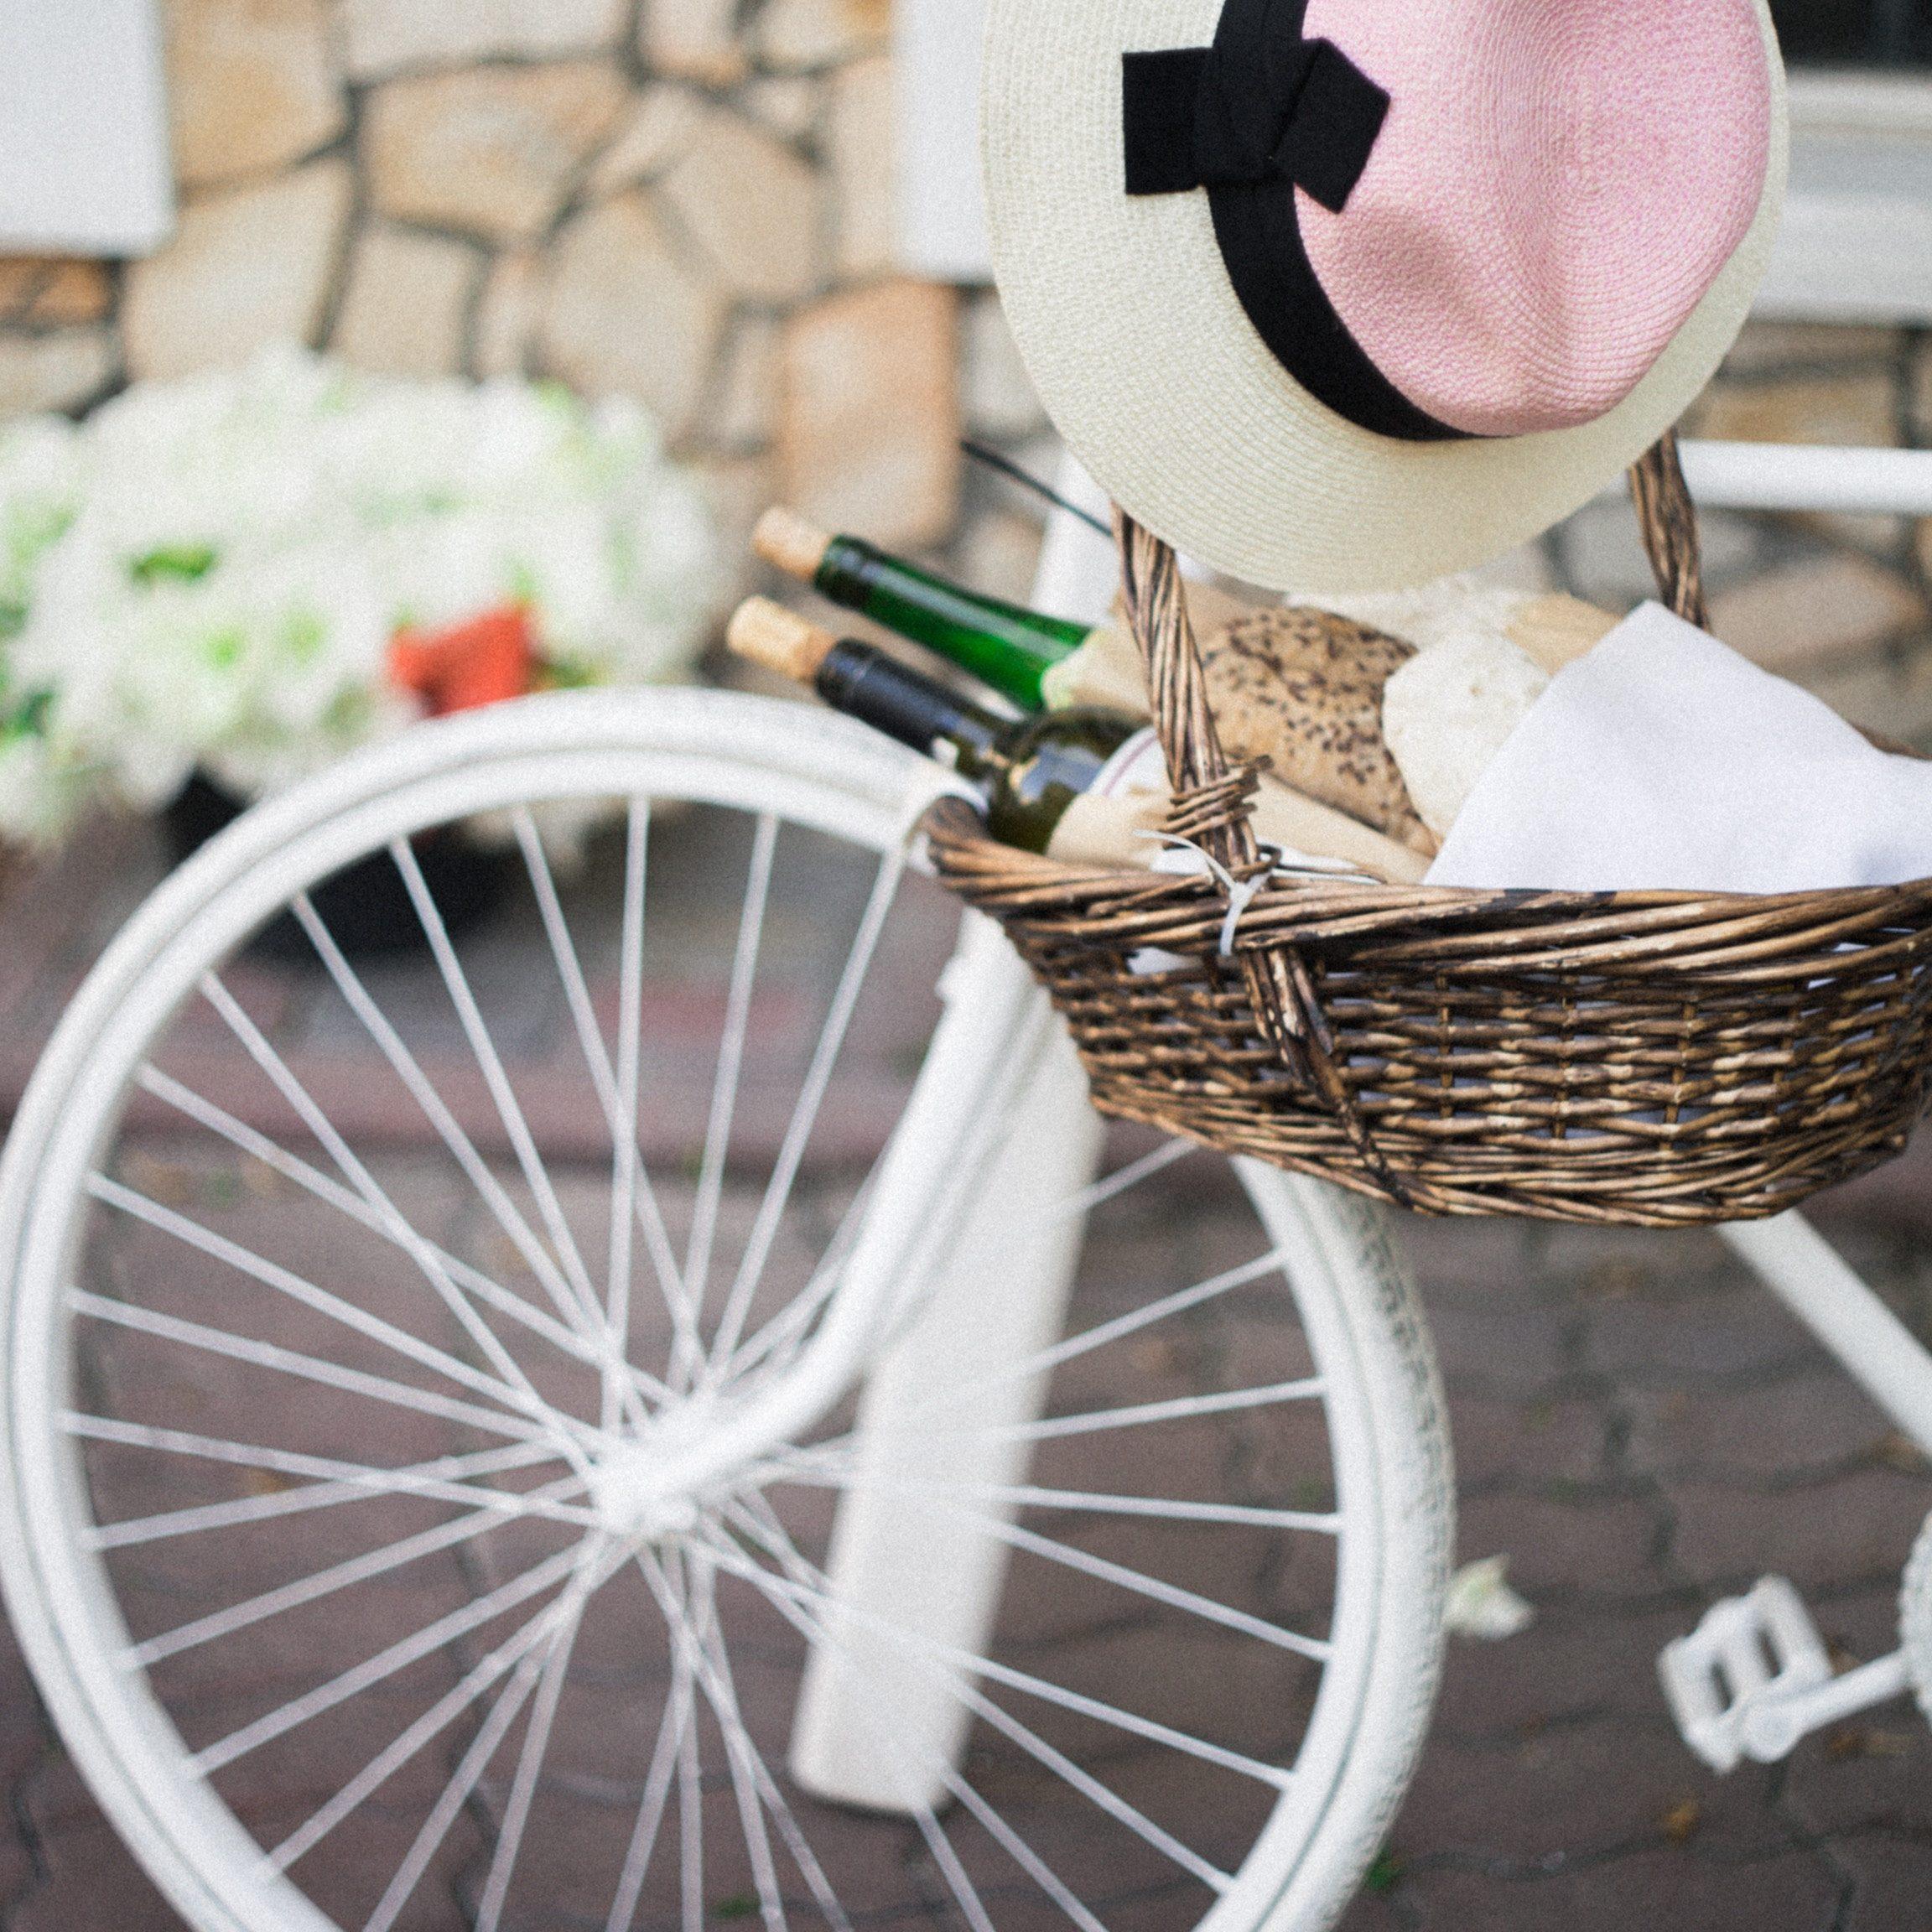 Weinflaschen in Korb an einem Fahrrad in Frankreich